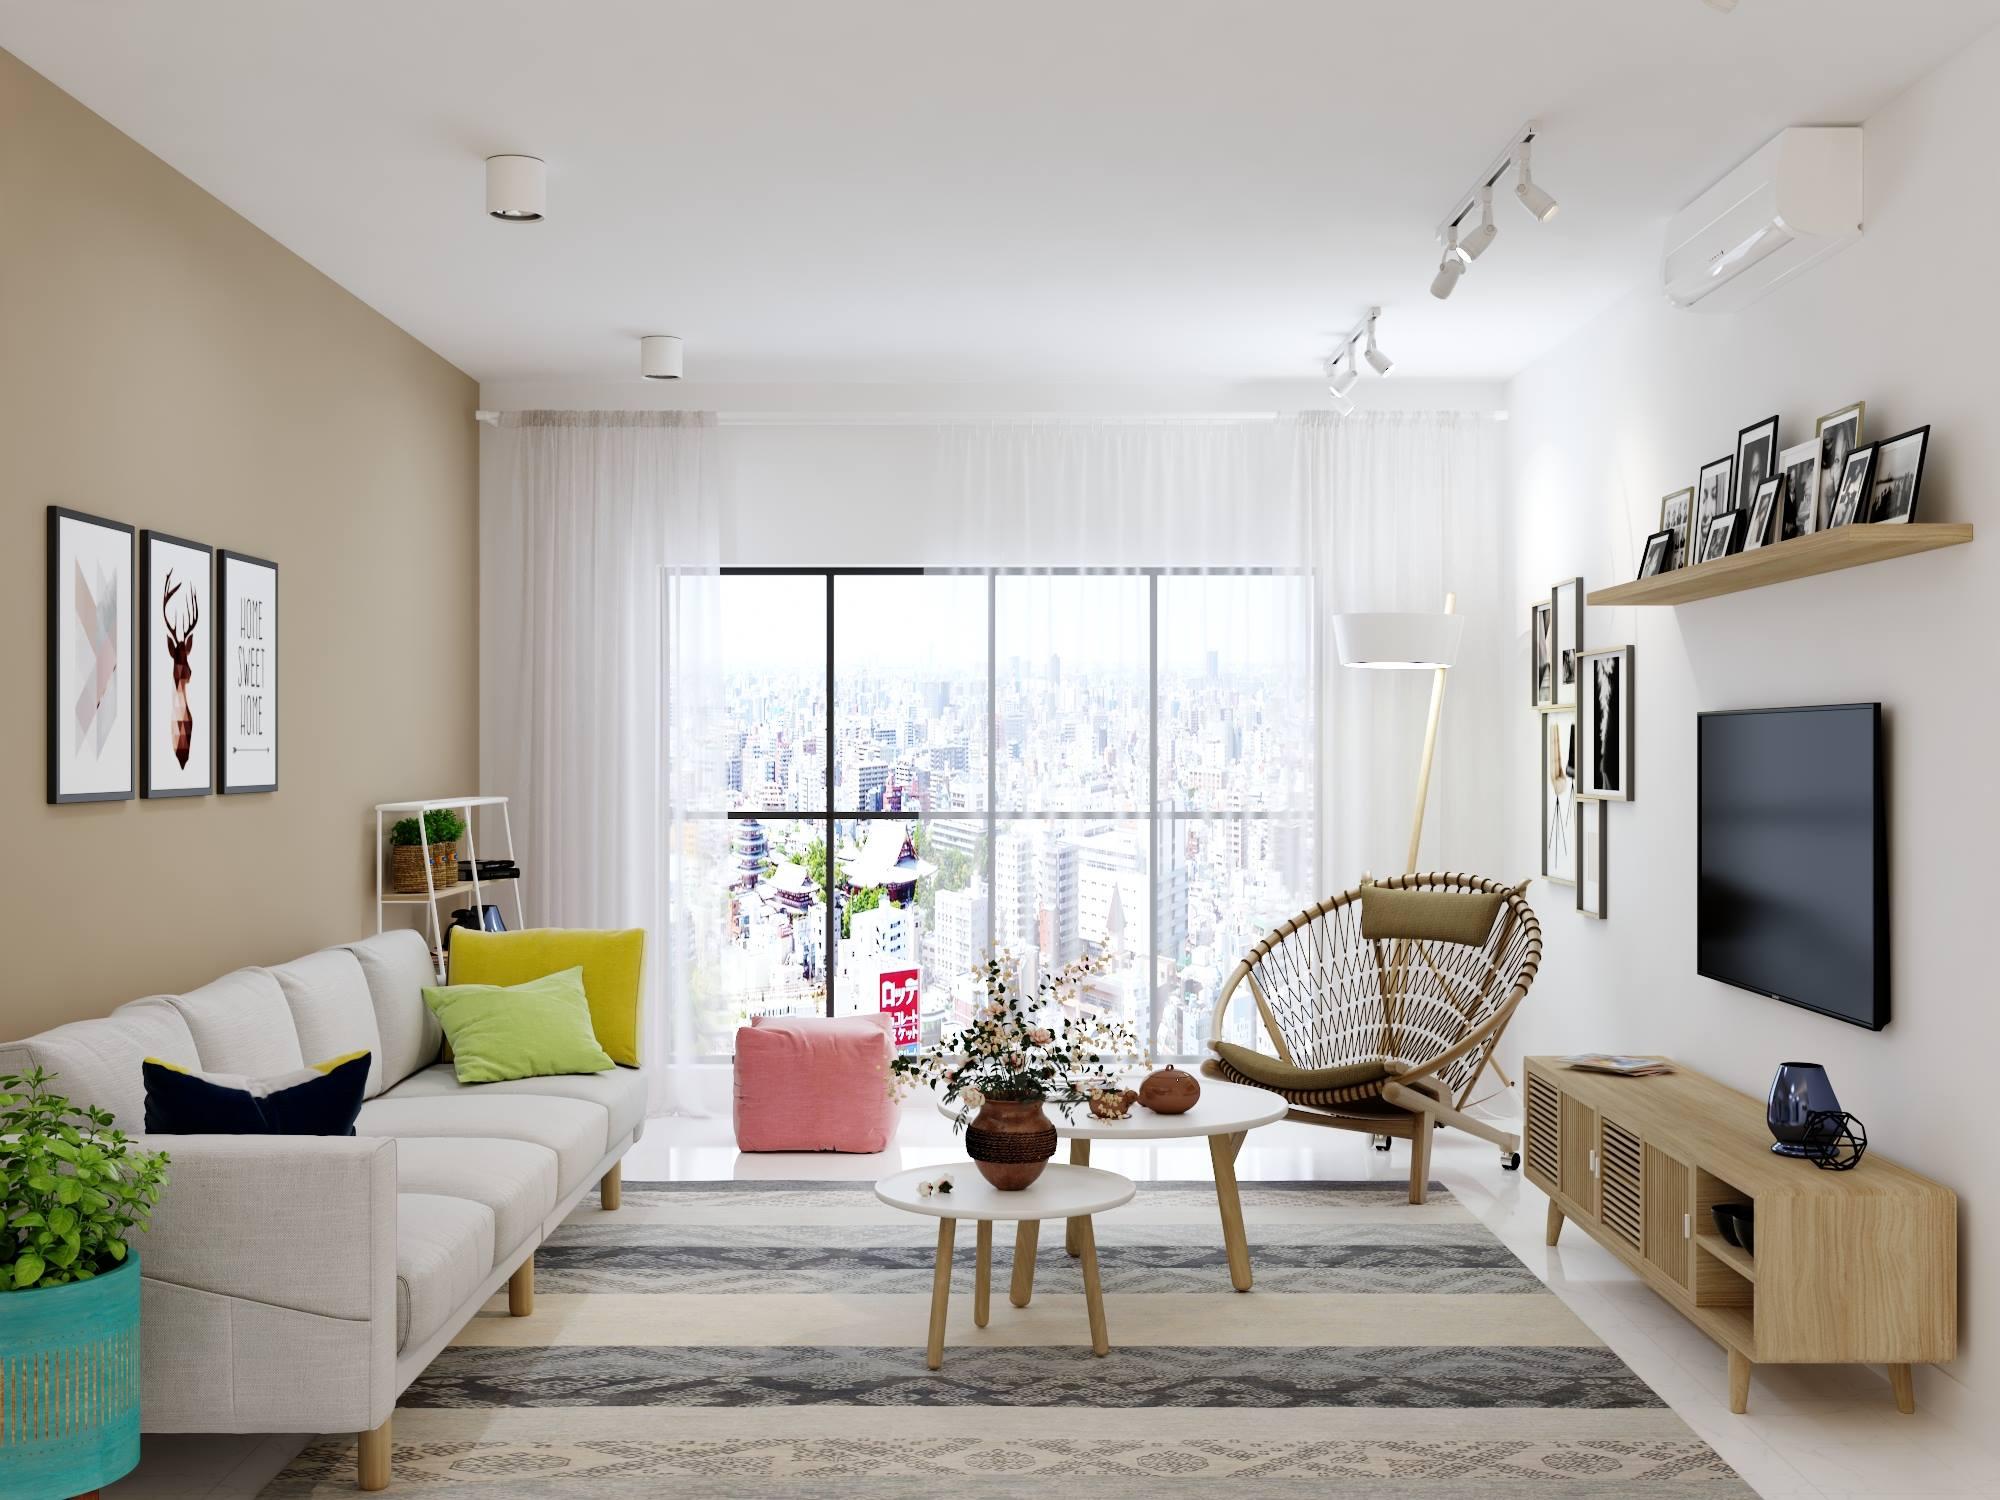 Thiết kế, bài trí phòng khách chung cư sang trọng, tinh tế và đẳng cấp